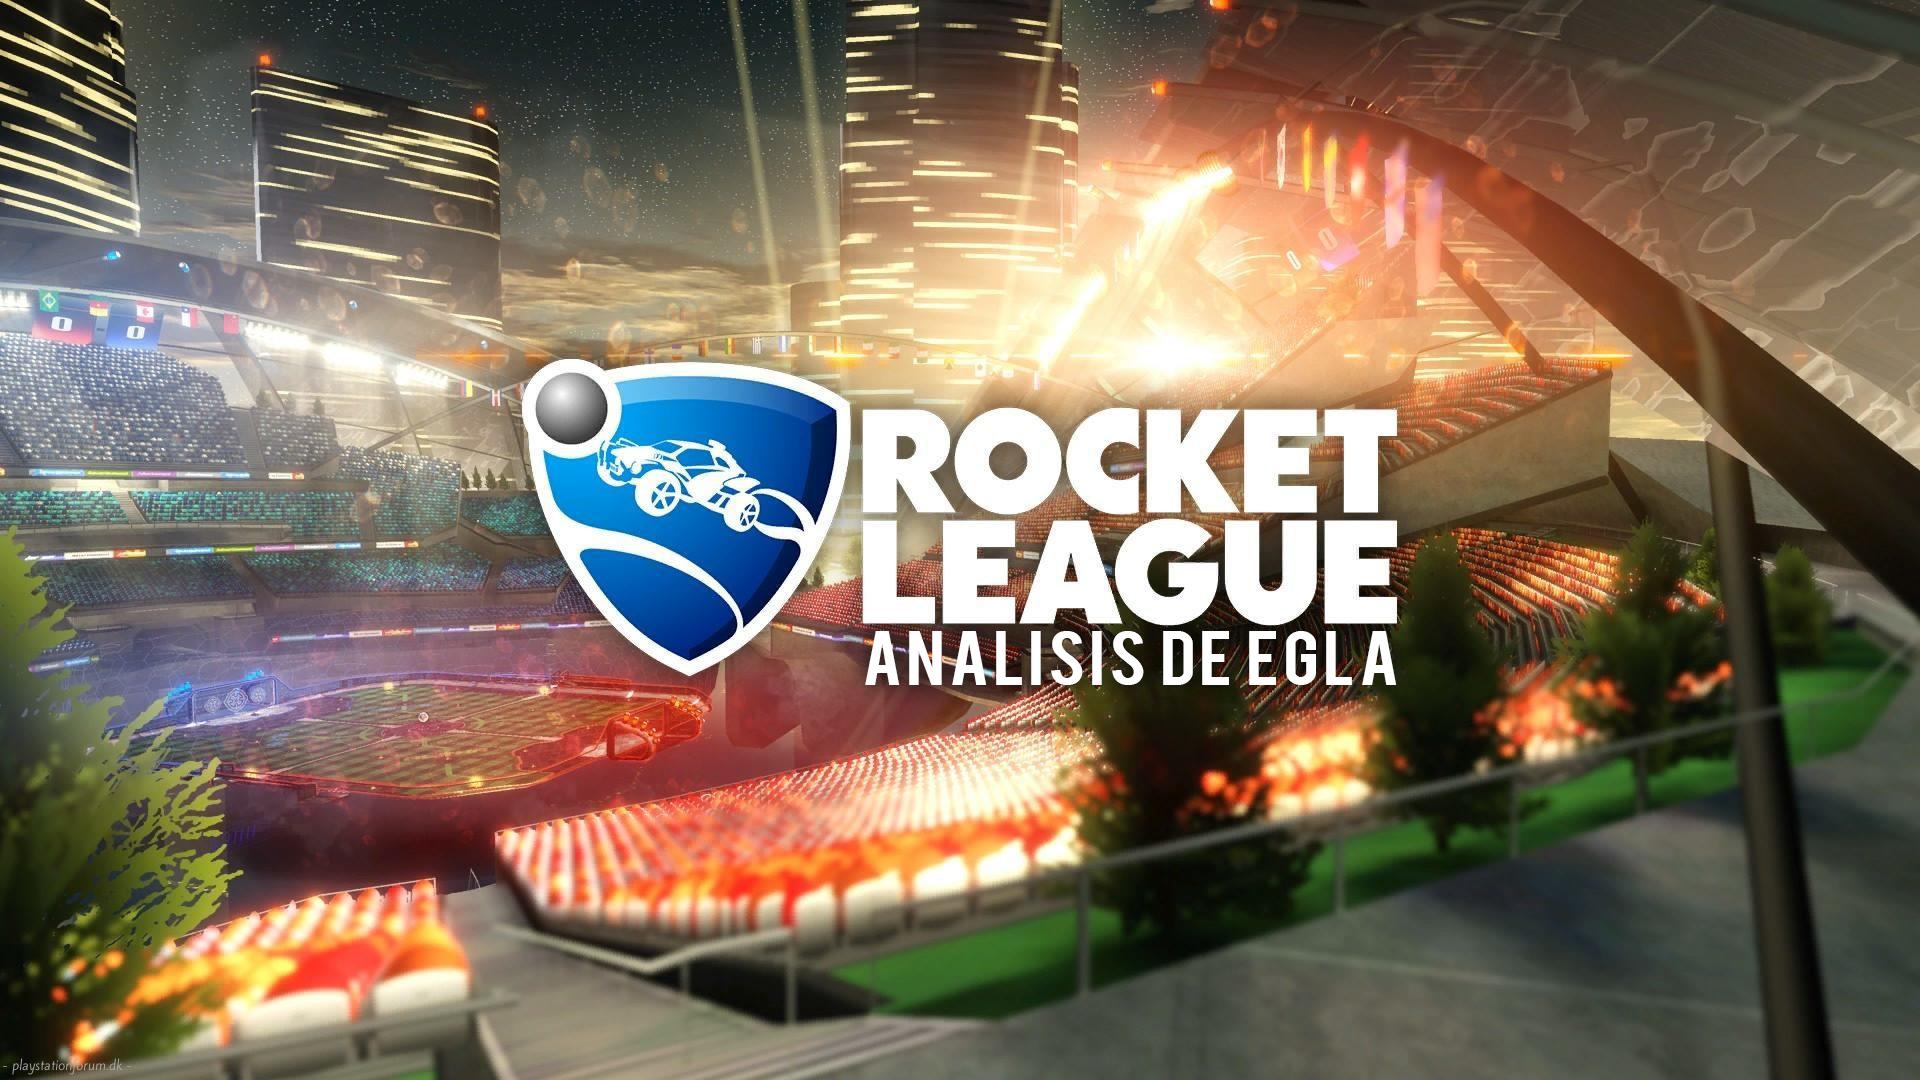 Rocket League EGLA